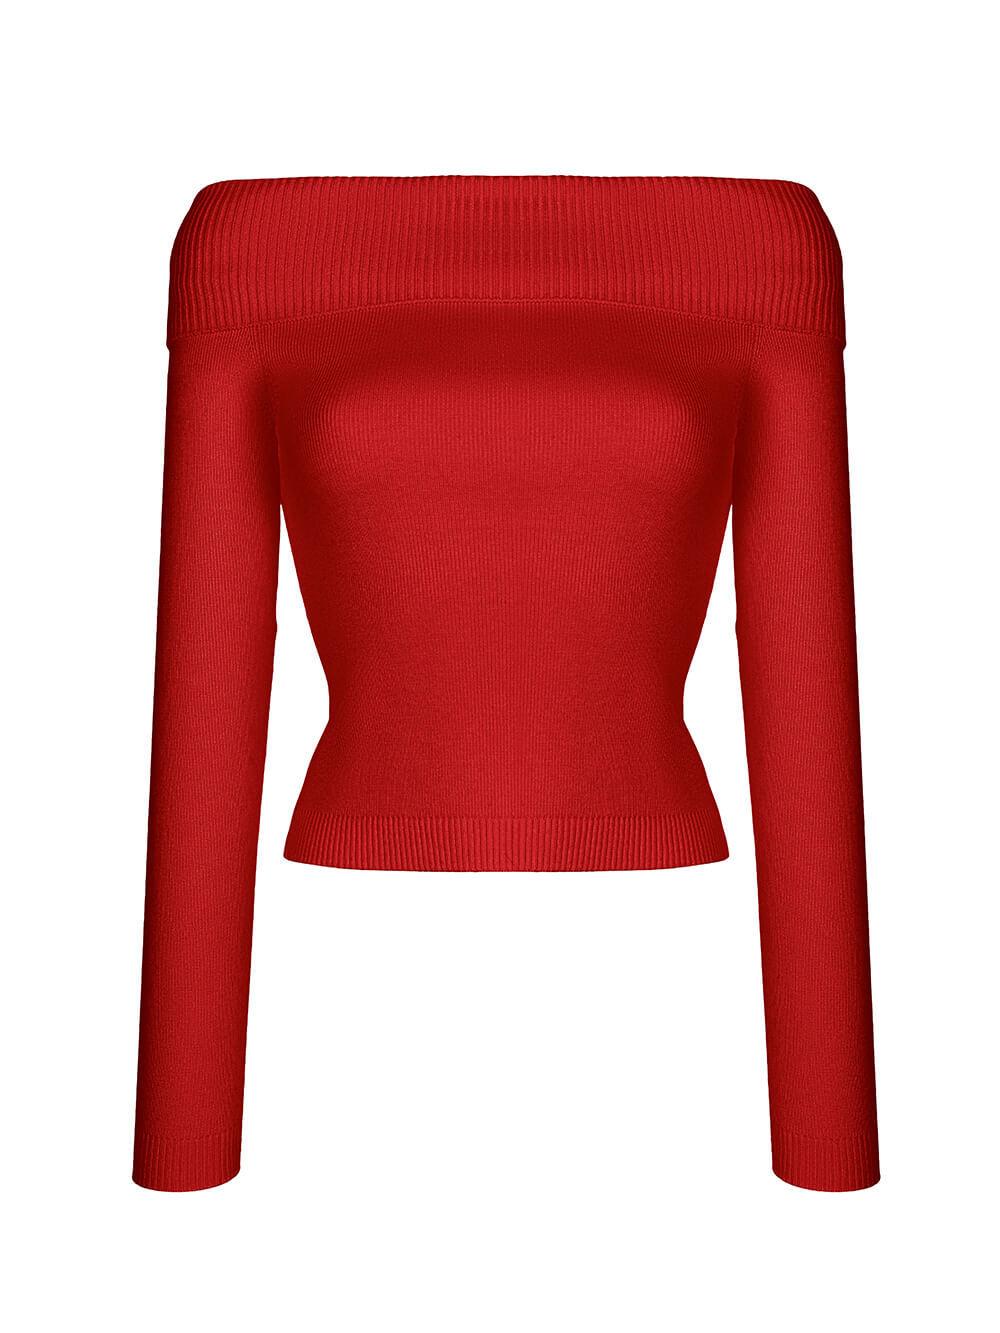 Женский джемпер красного цвета из шелка и кашемира - фото 1